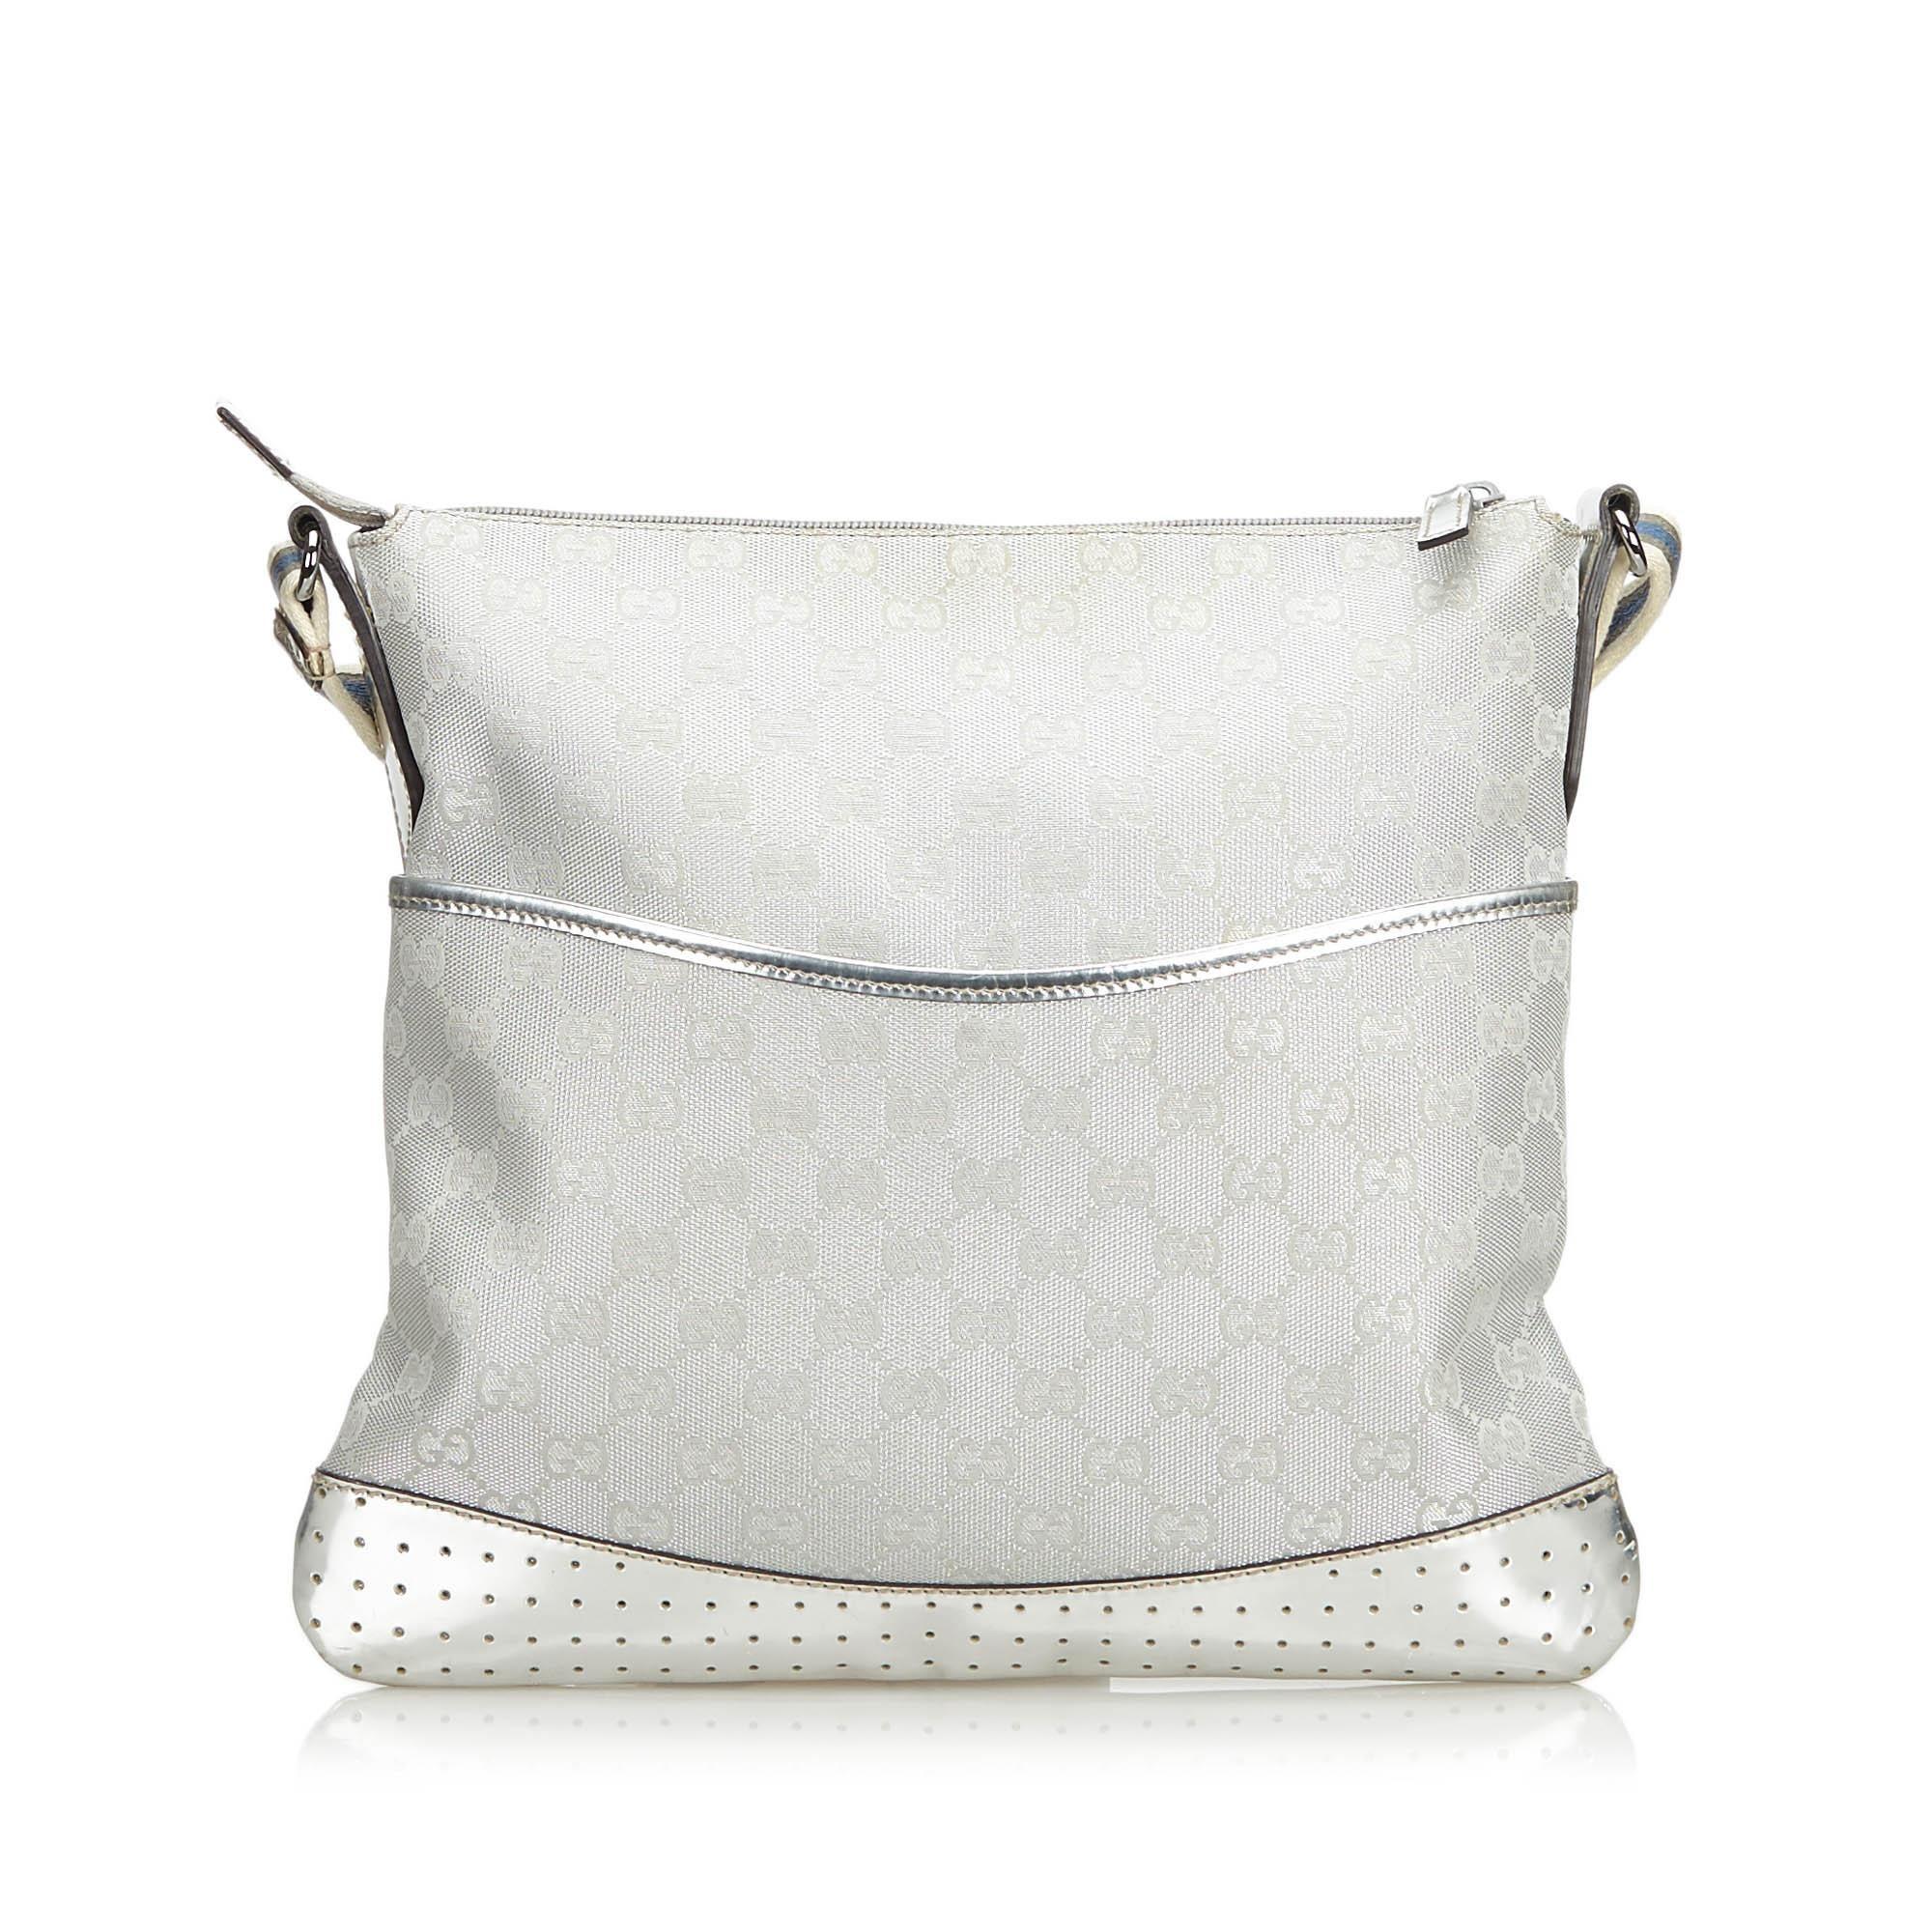 f52530fc986 Gucci Gray GG Supreme Shoulder Bag For Sale at 1stdibs